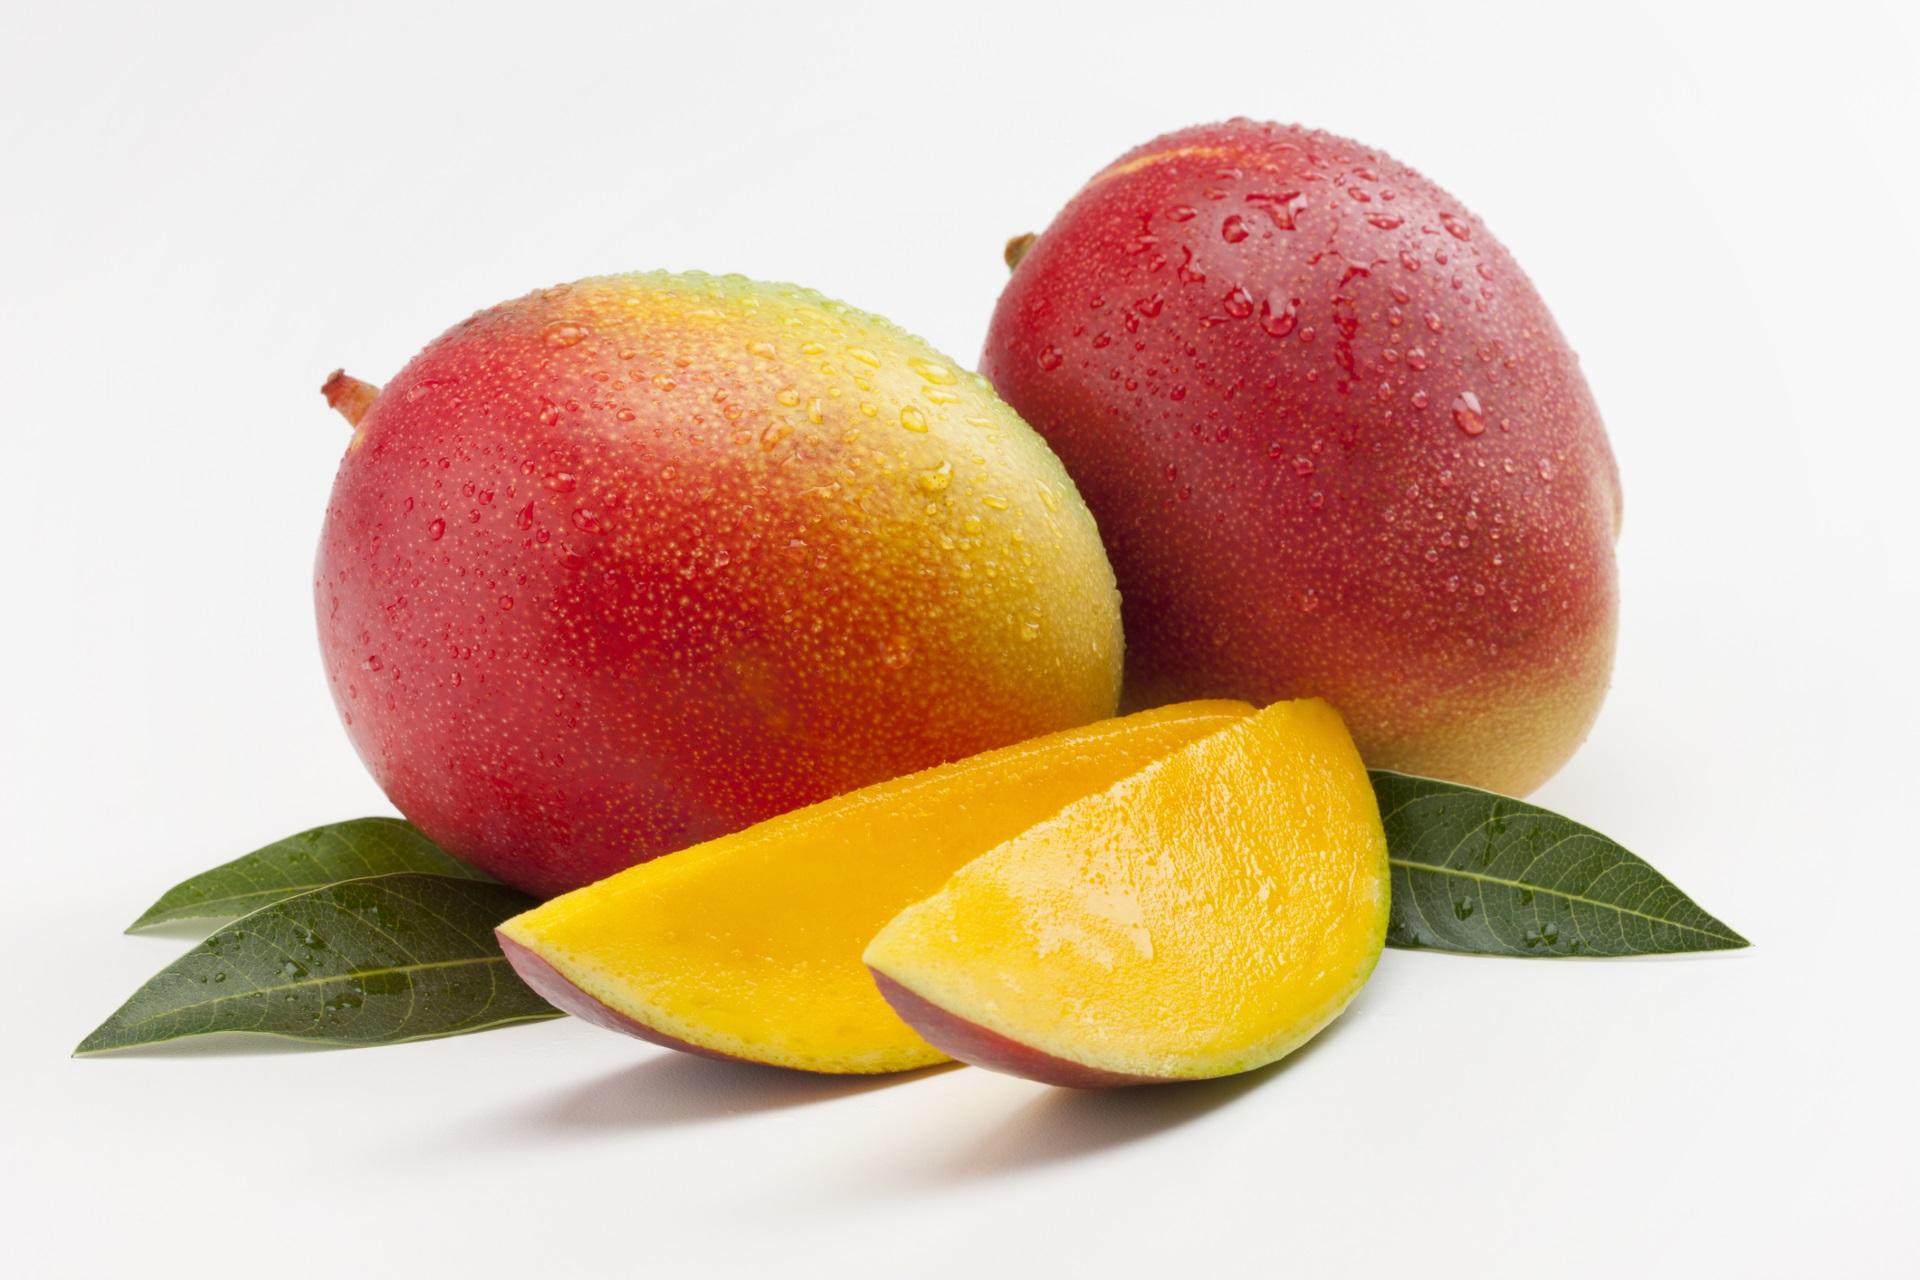 <p><strong>Риби &ndash; манго</strong></p>  <p>Рибите обичат да мислят и действат извън установените рамки, ето защо им трябва и един не толкова традиционен плод, а такъв, който е поне екзотичен. Като мангото.</p>